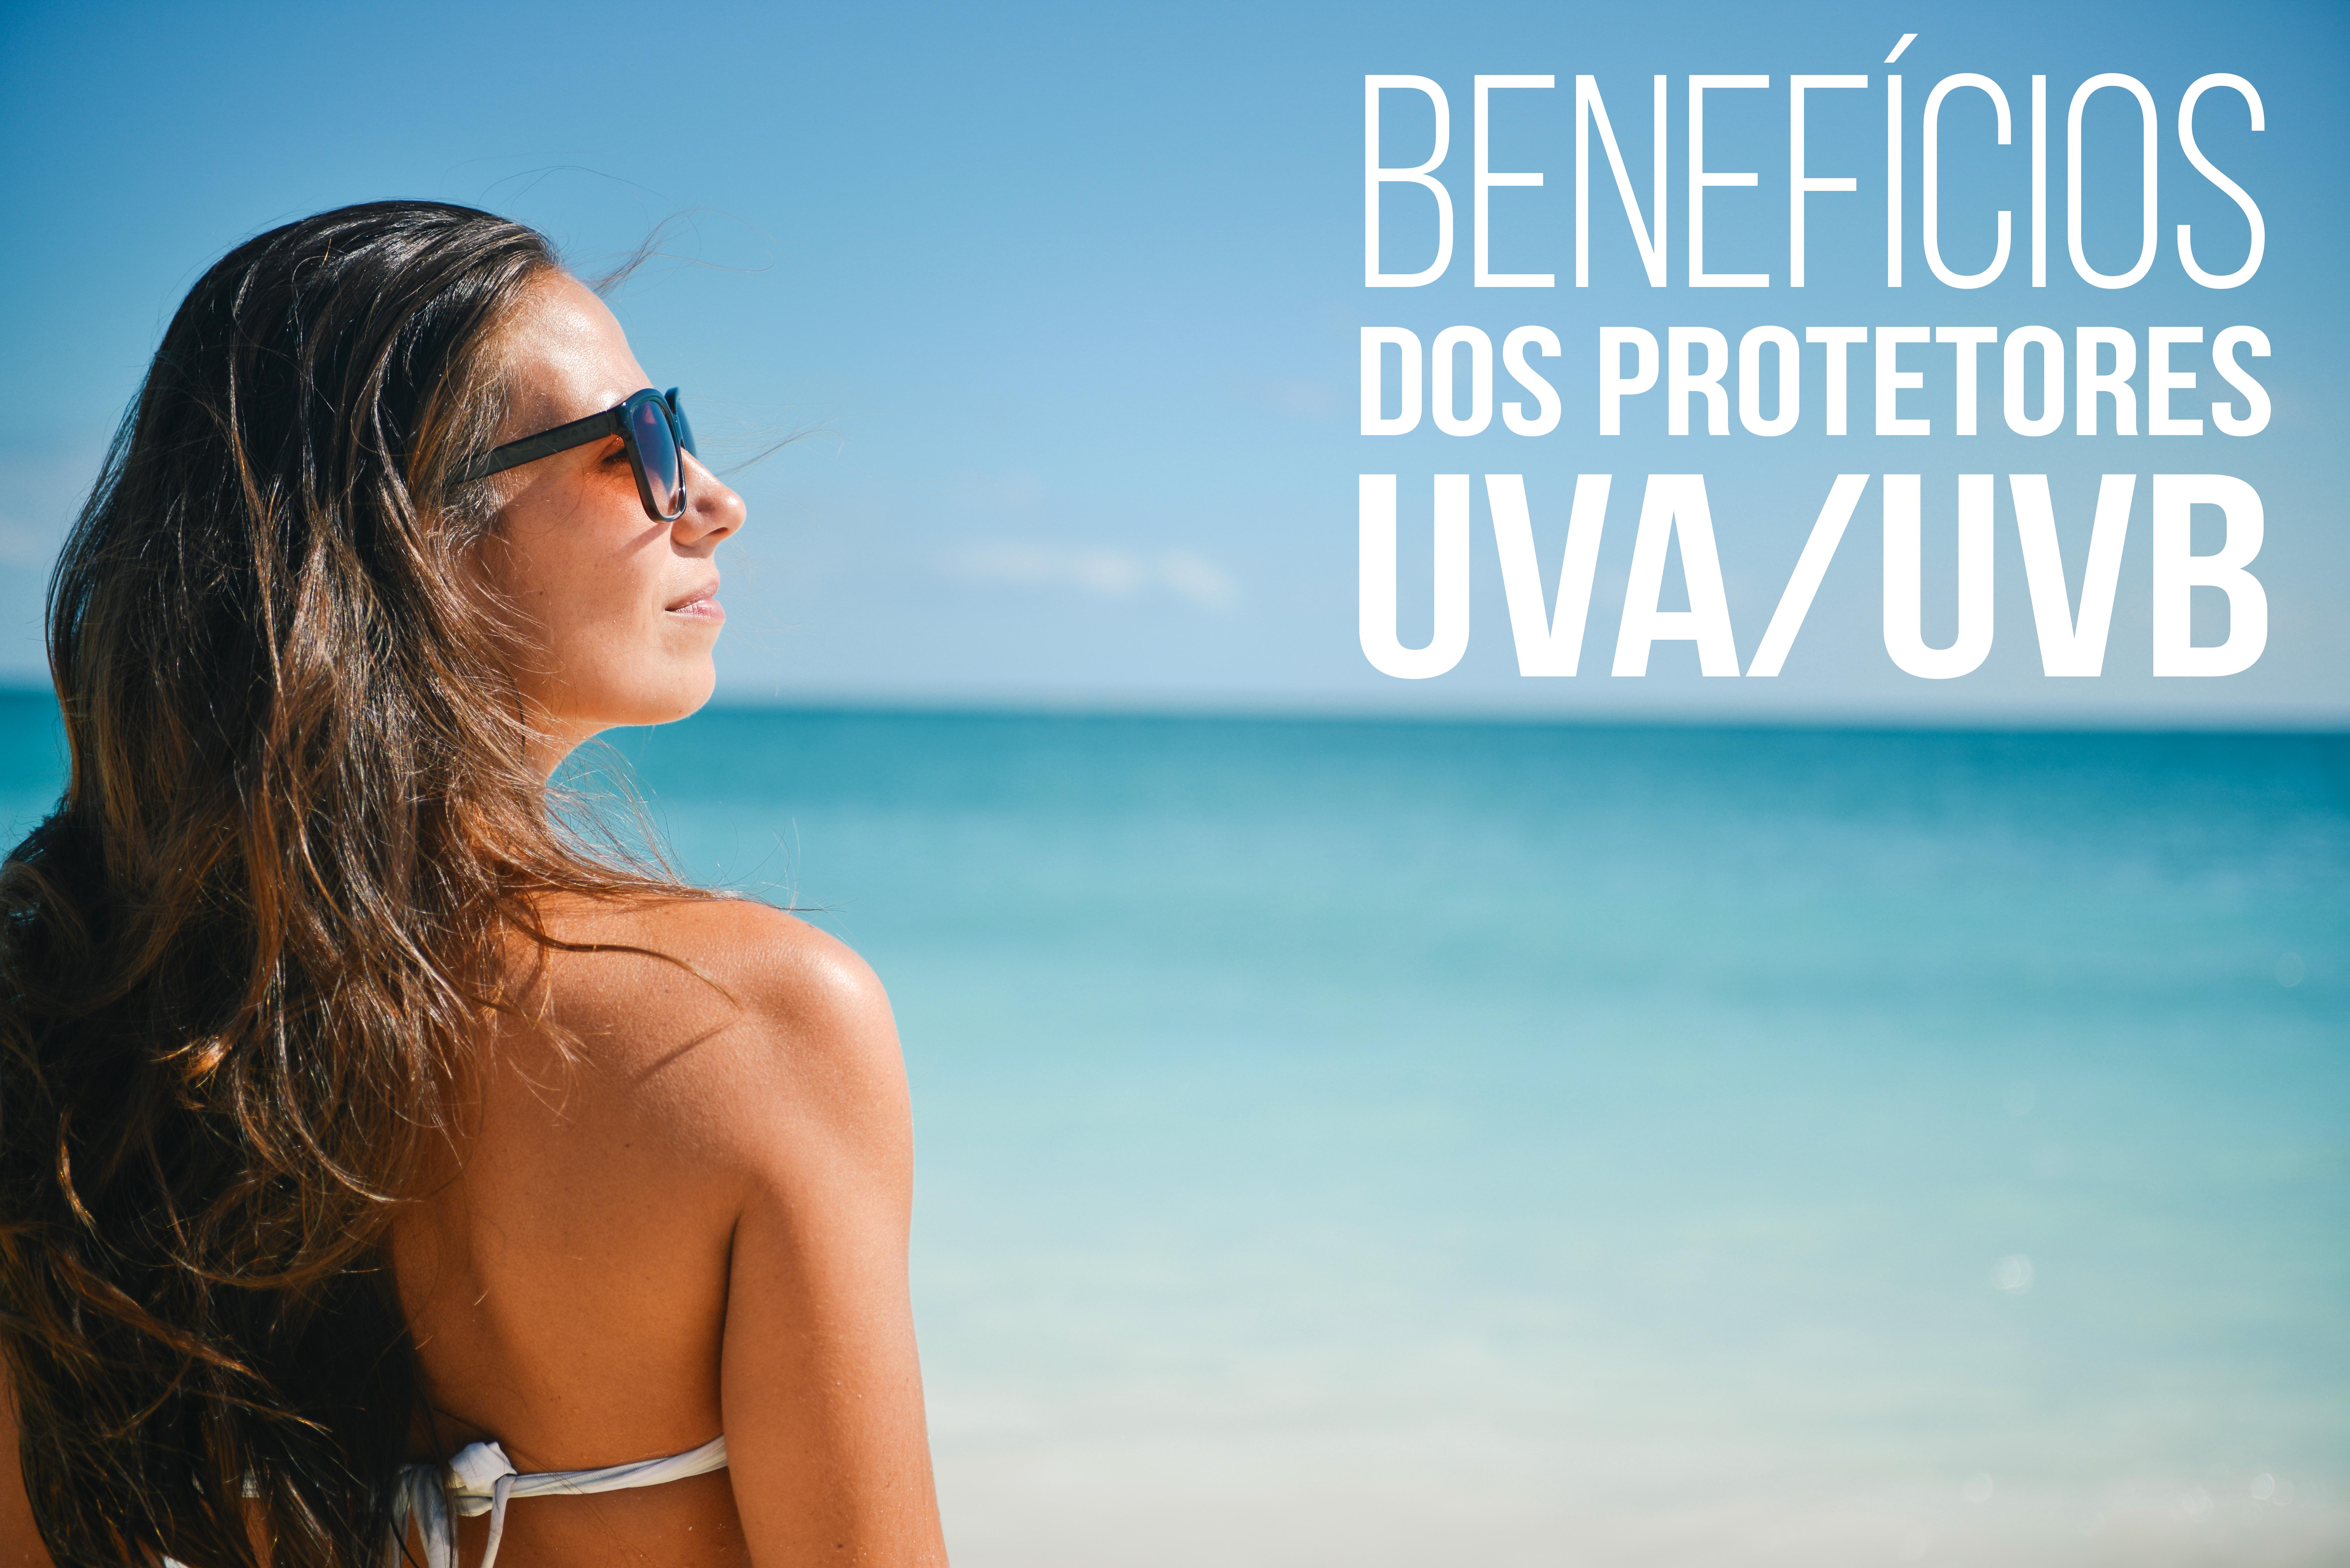 Benefícios dos protetores UVA/UVB